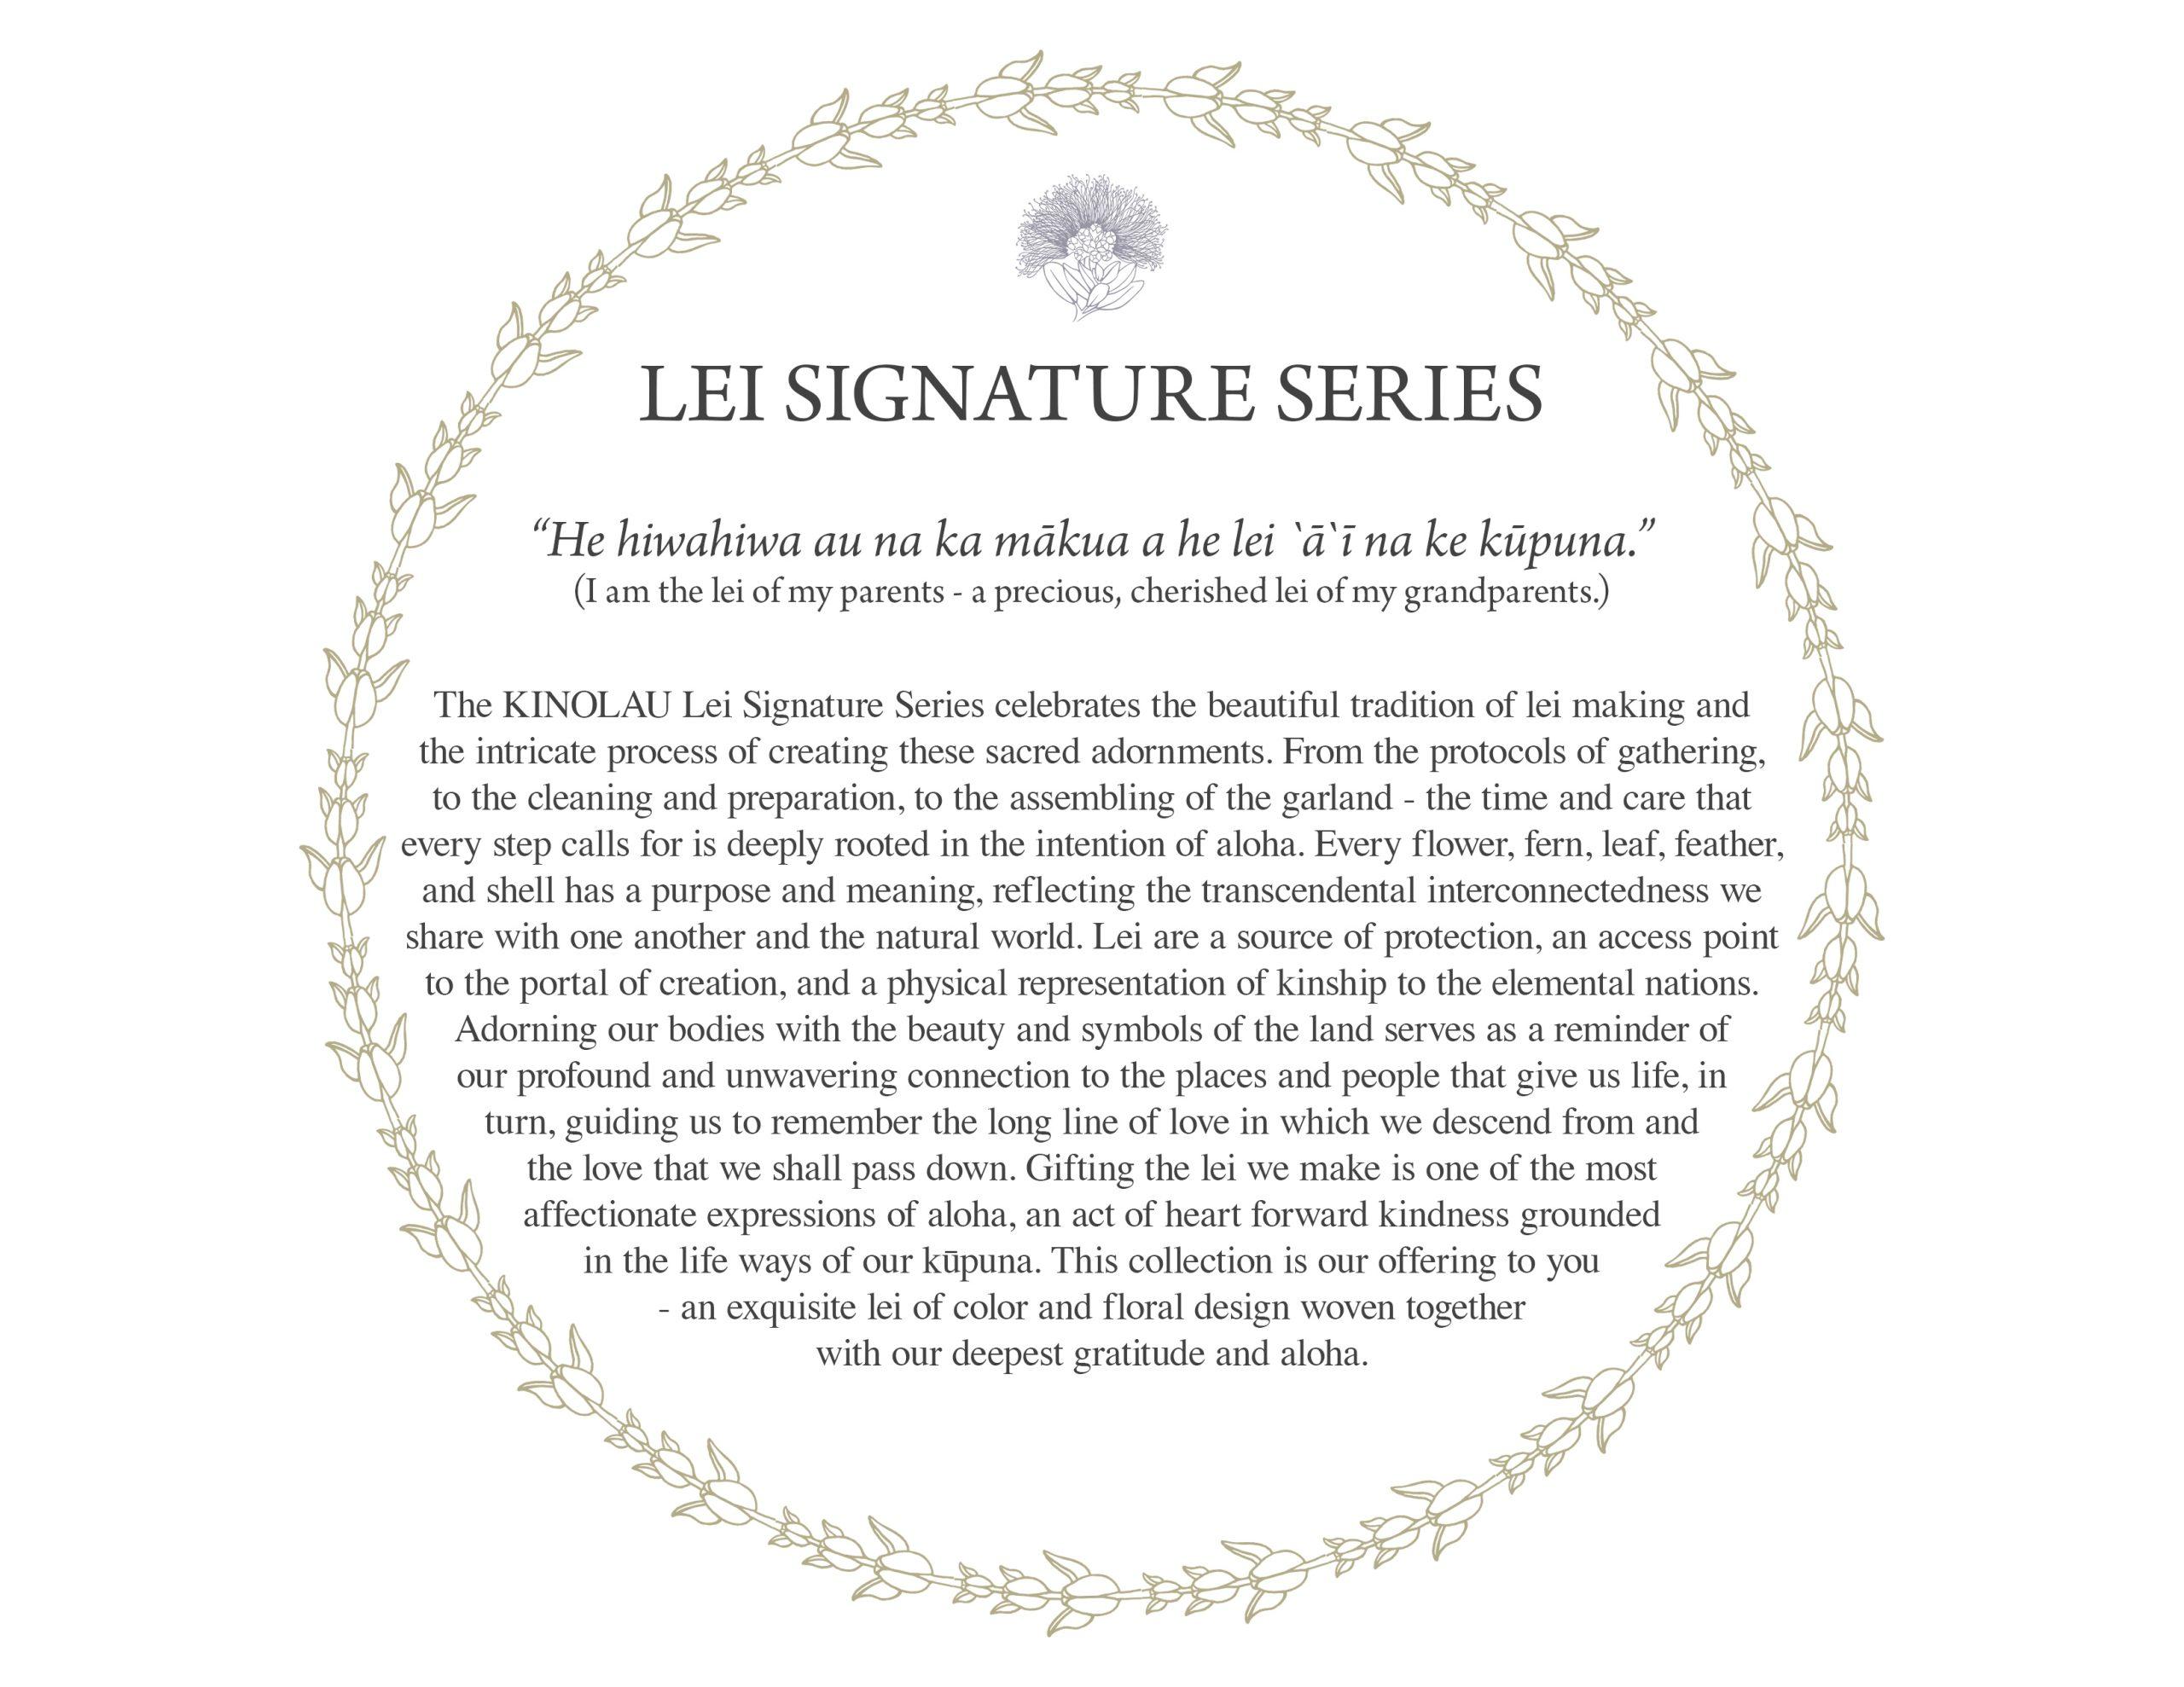 Lei Signature Series Information